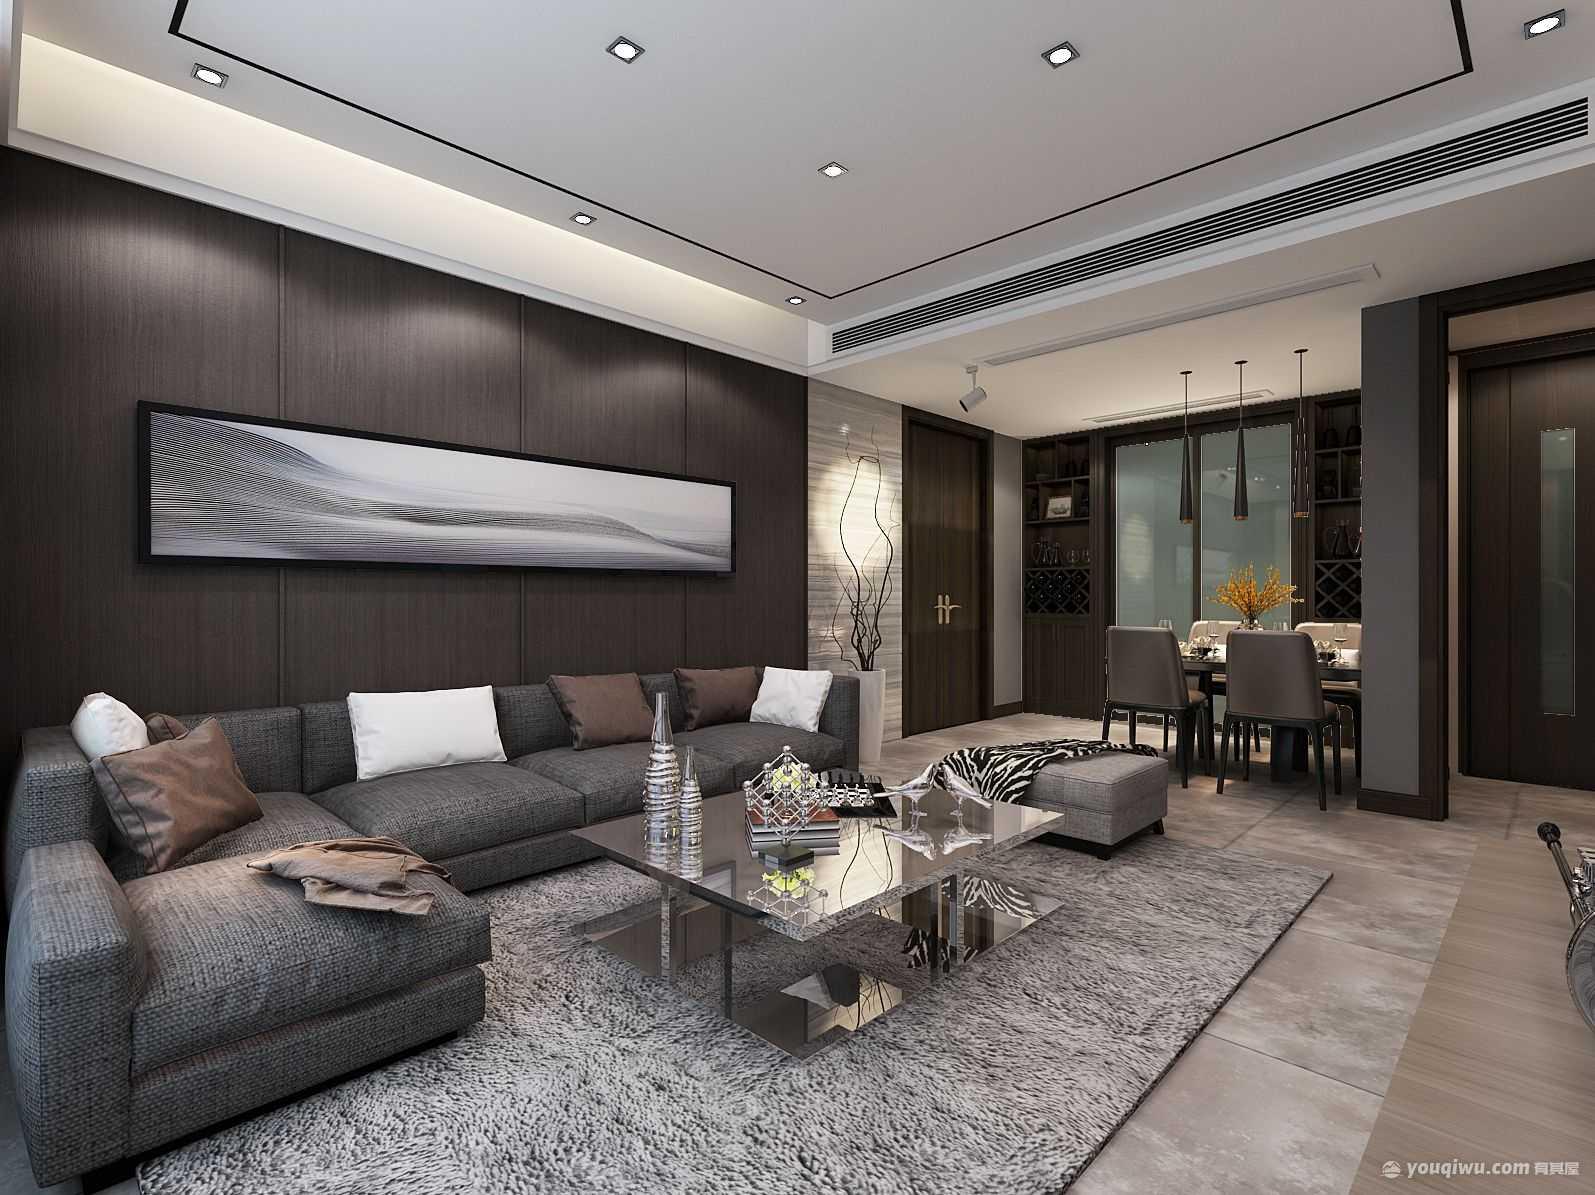 融侨悦城105平米三居室现代风格装修效果图